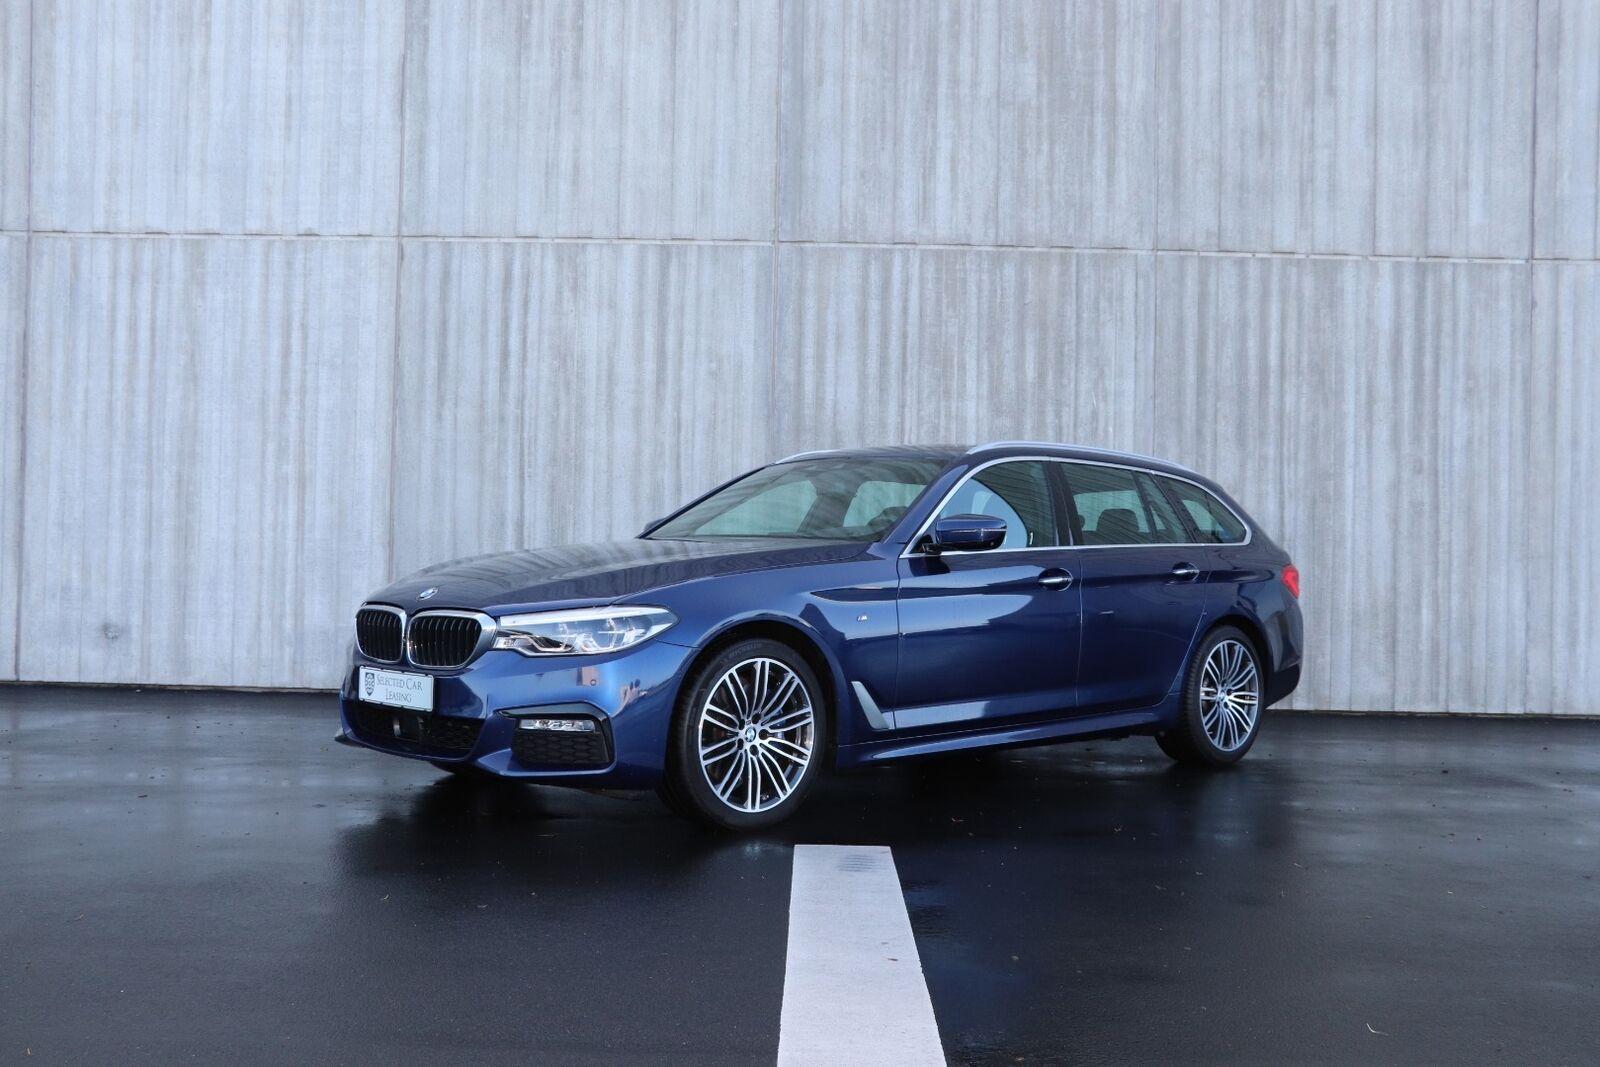 BMW 530d 3,0 Touring M-Sport xDrive aut. 5d - 4.344 kr.